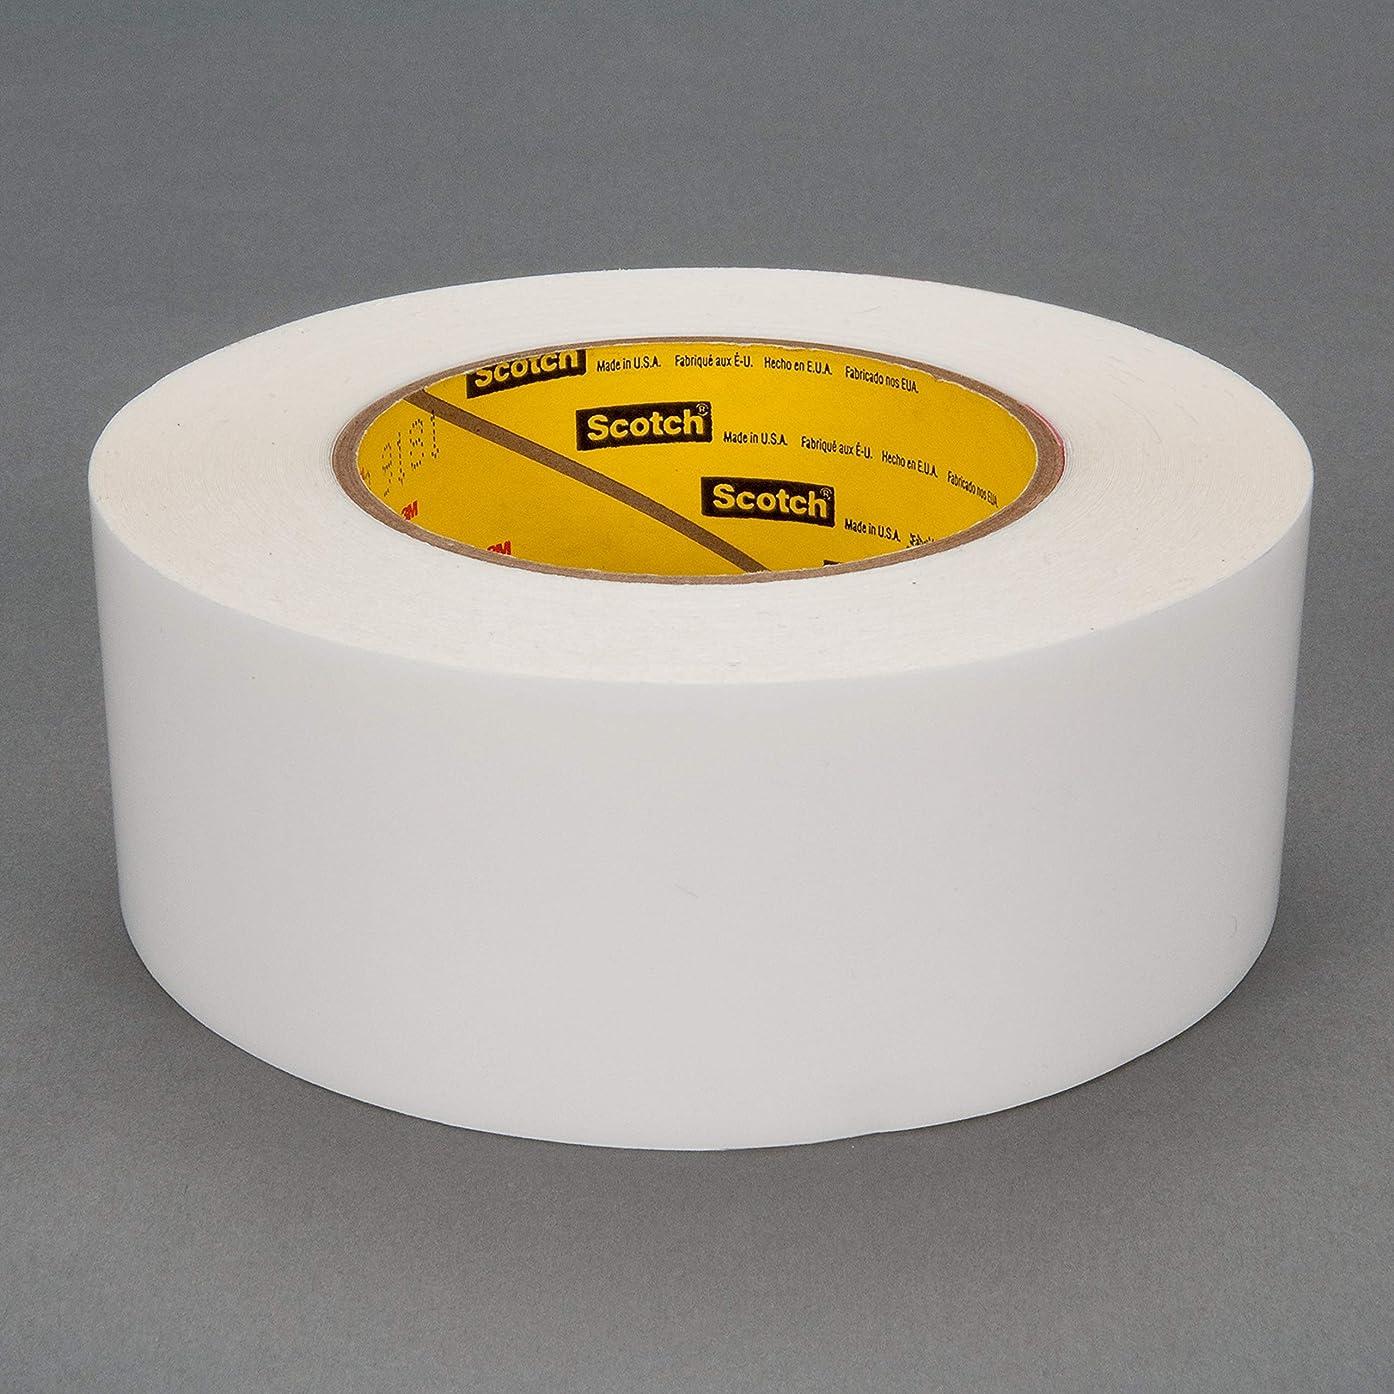 3M Squeak Reduction Tape 5430 Transparent, 4 in x 18 yd, 2 Rolls per case Bulk